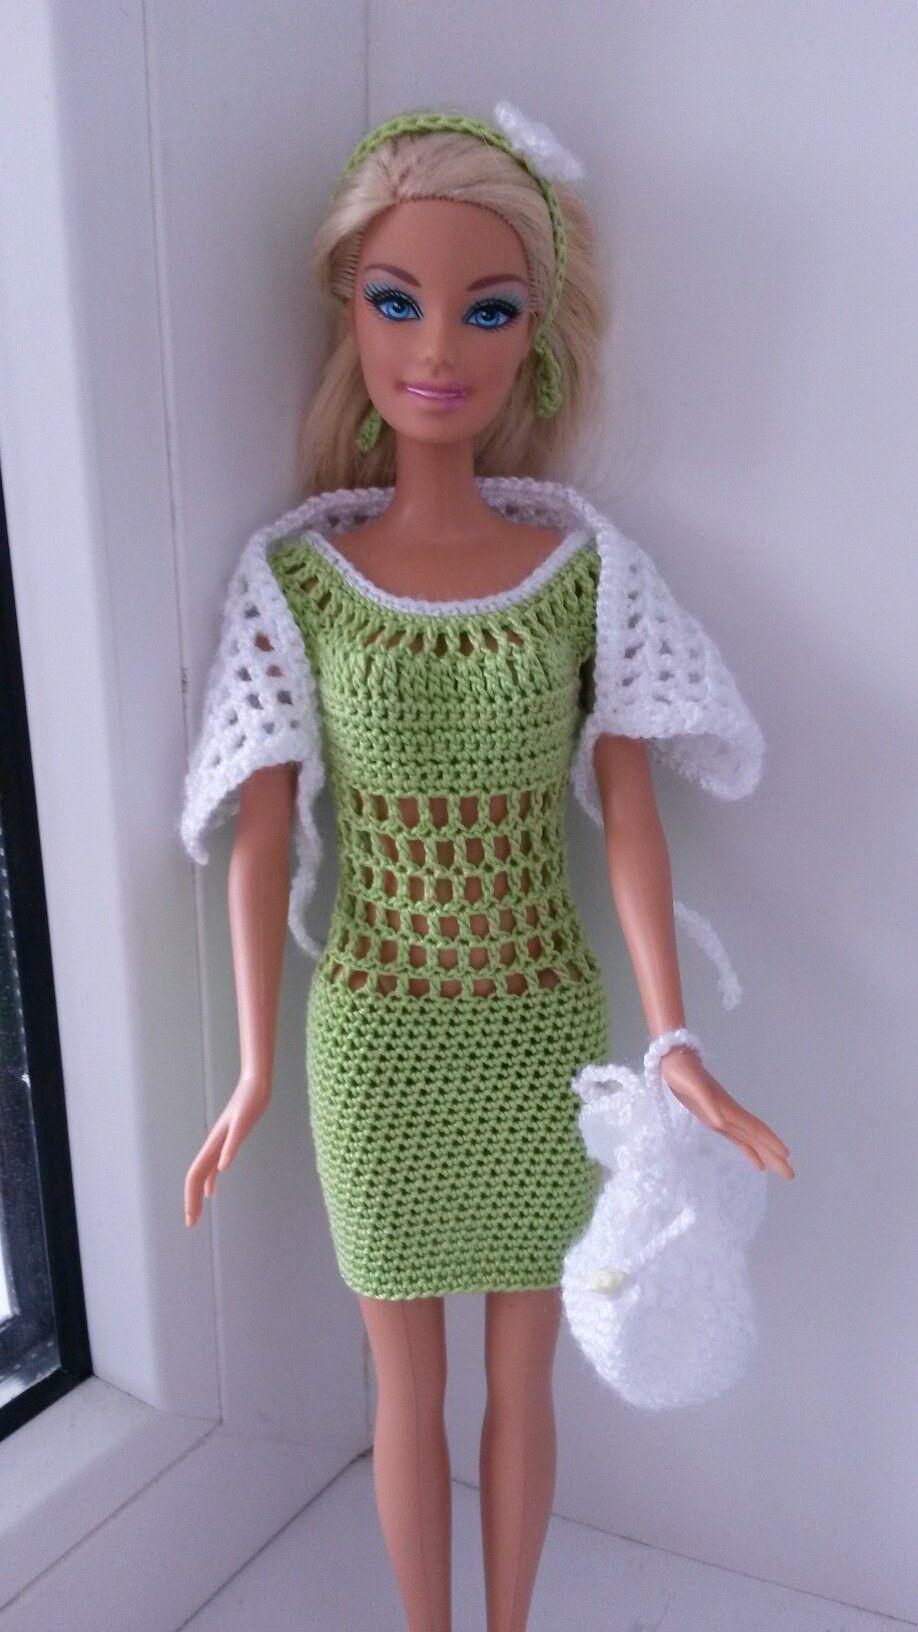 Pin Van Jannie Crocket Lady Op Haken Barbypop Pinterest Barbie